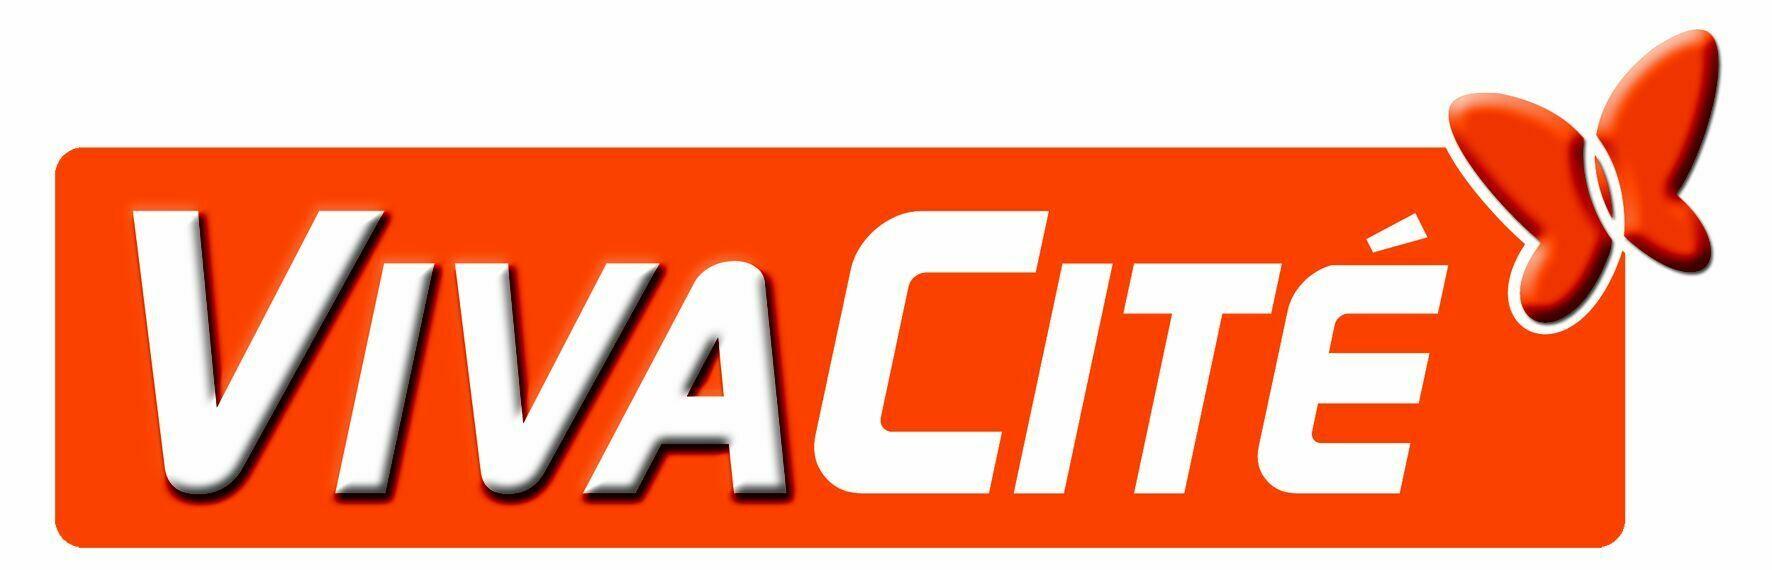 Logo vivacité - tous droits réservés